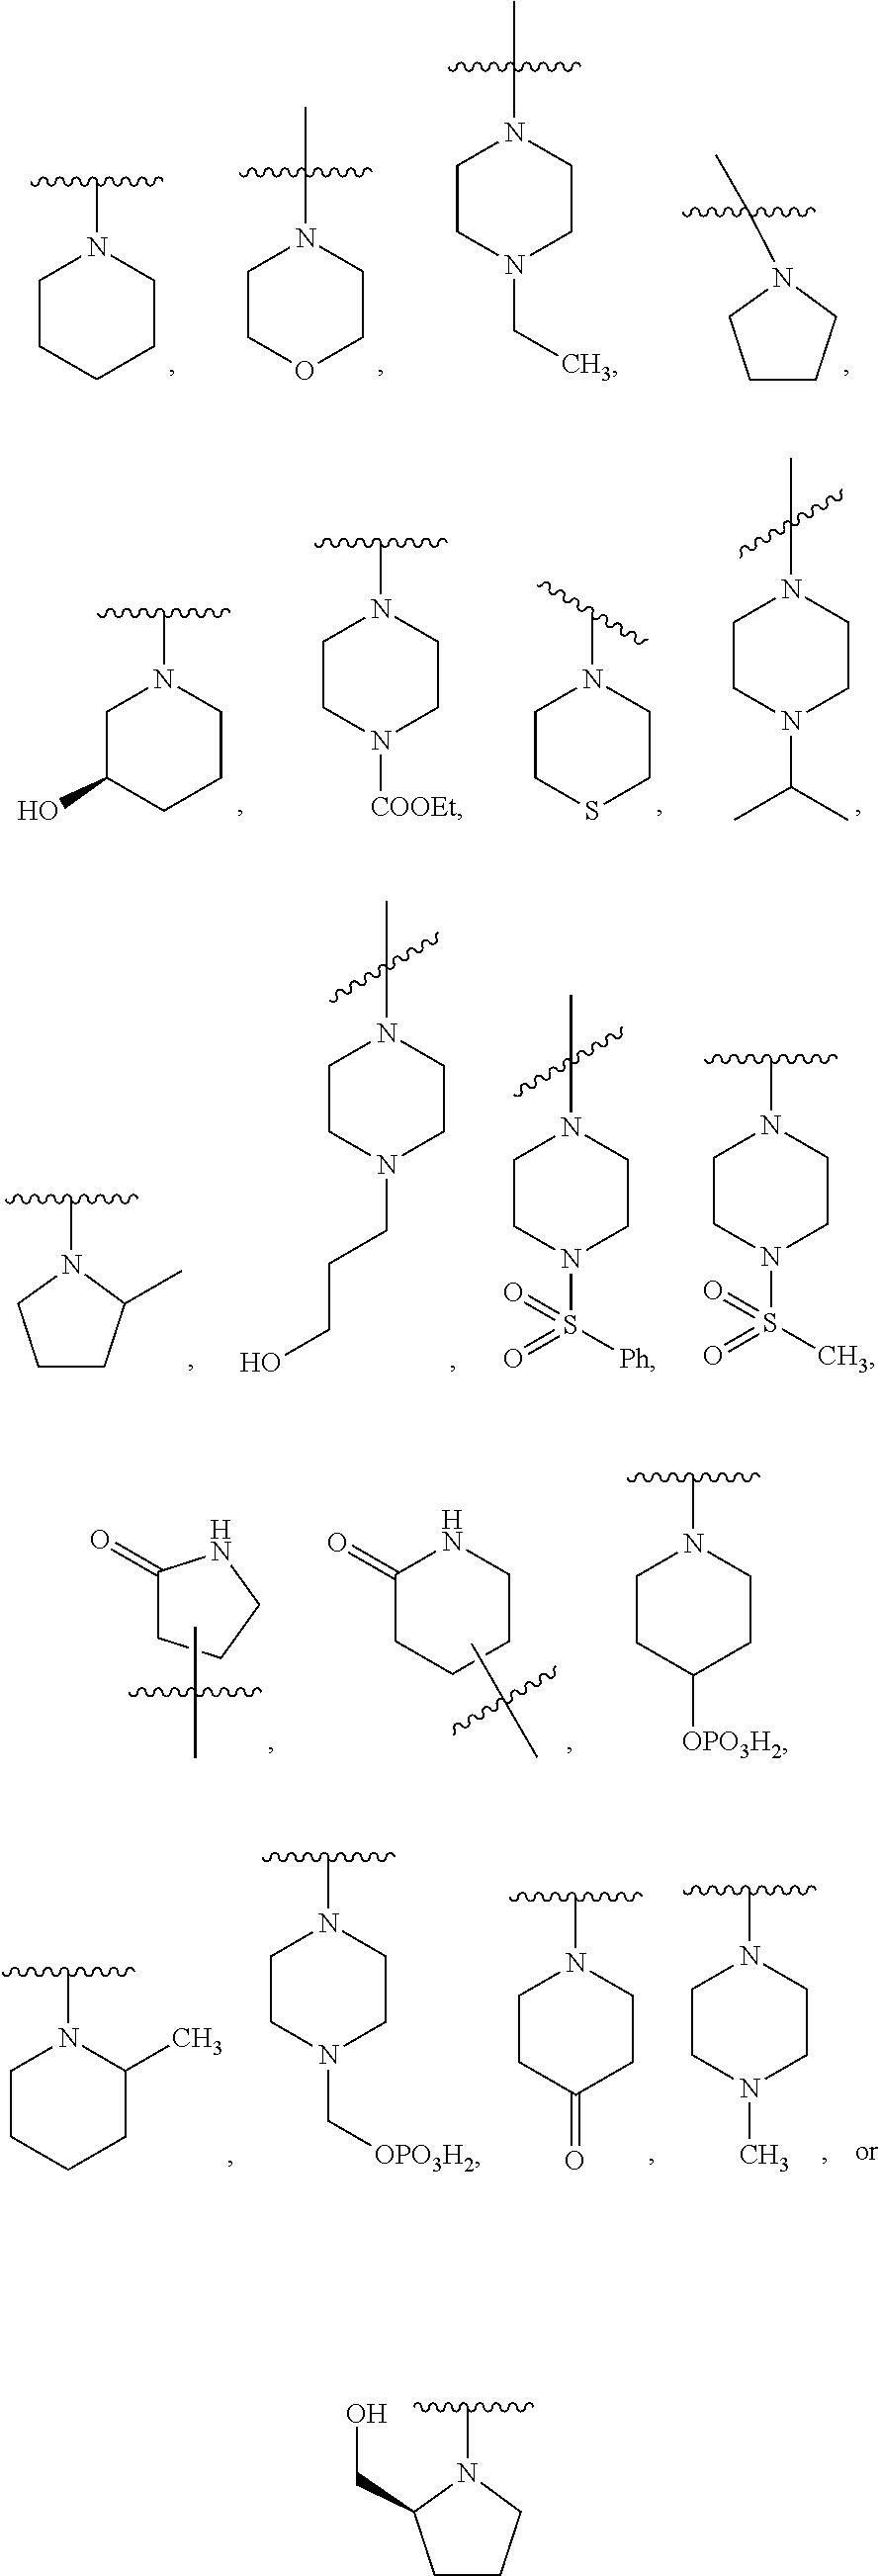 Figure US09790228-20171017-C00032